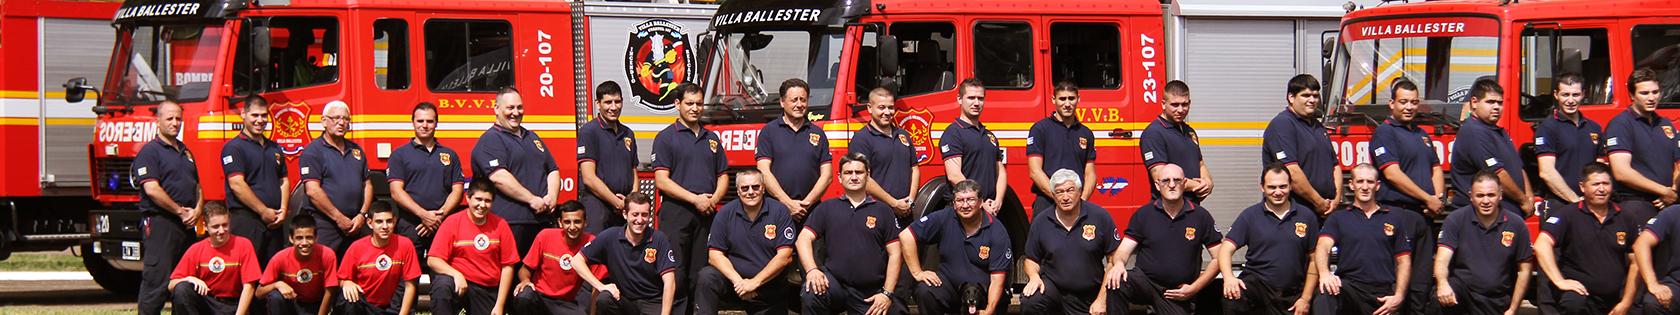 bomberos_img02